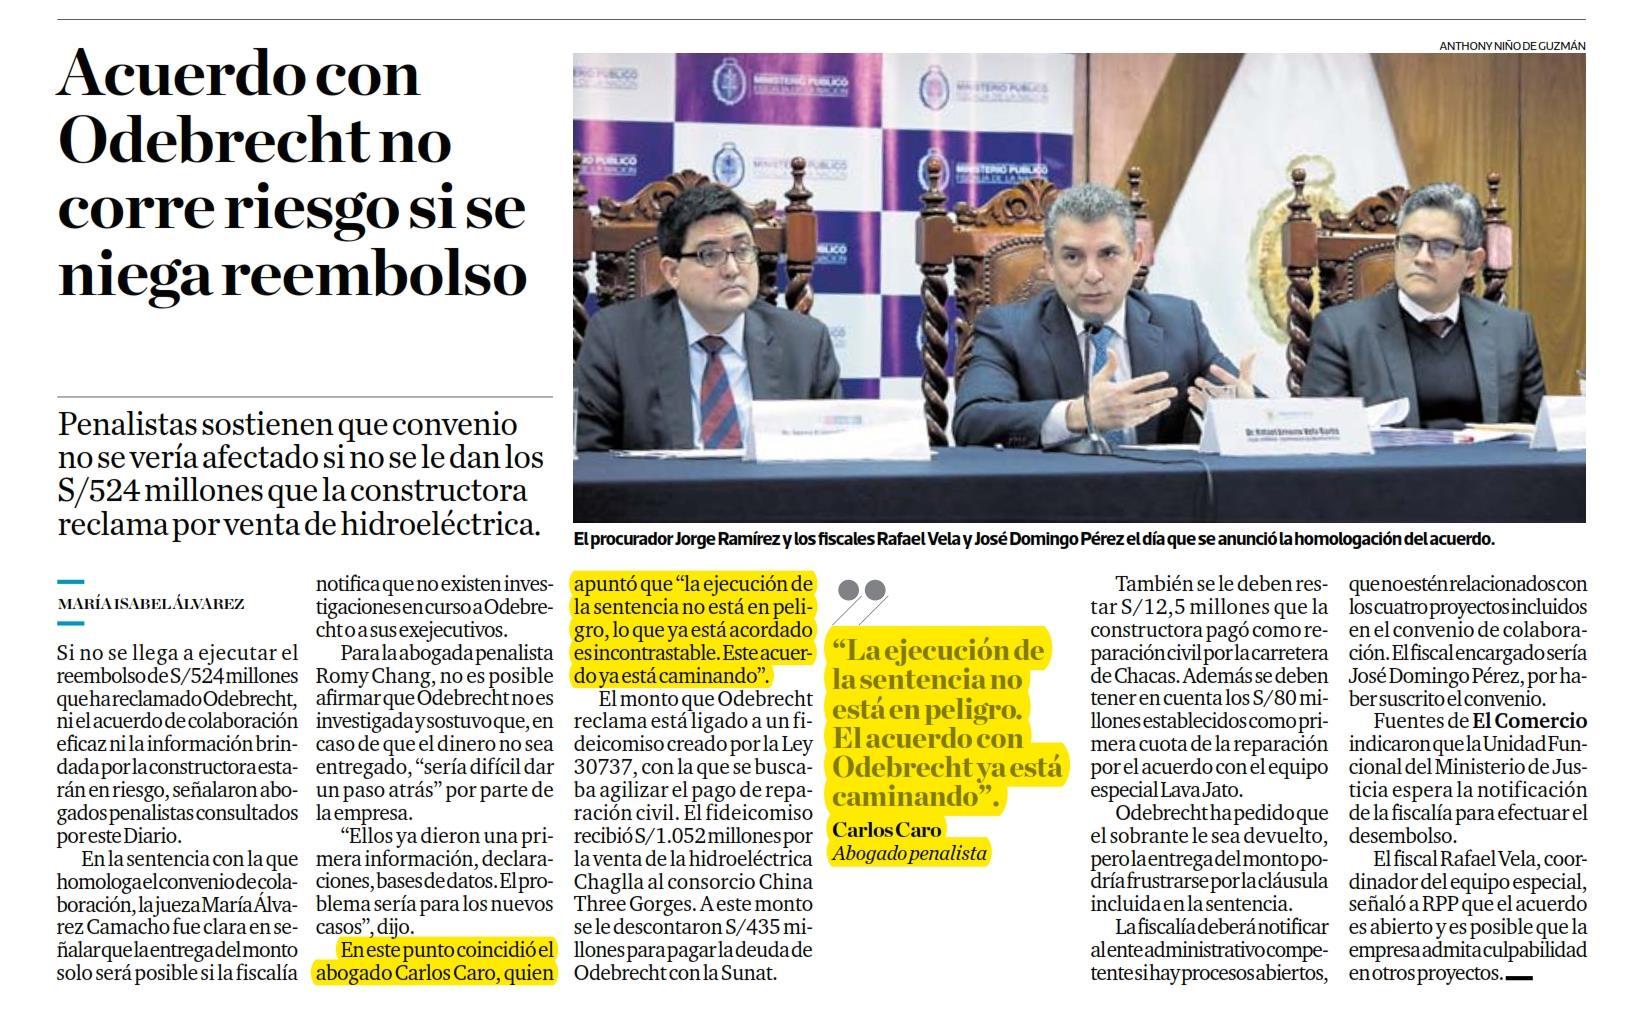 Posibilidad que el acuerdo de colaboración eficaz con Odebrecht, pueda correr riesgo, si se niega el reembolso que exige Odebrecht, por el saldo de la venta de Chaglla.